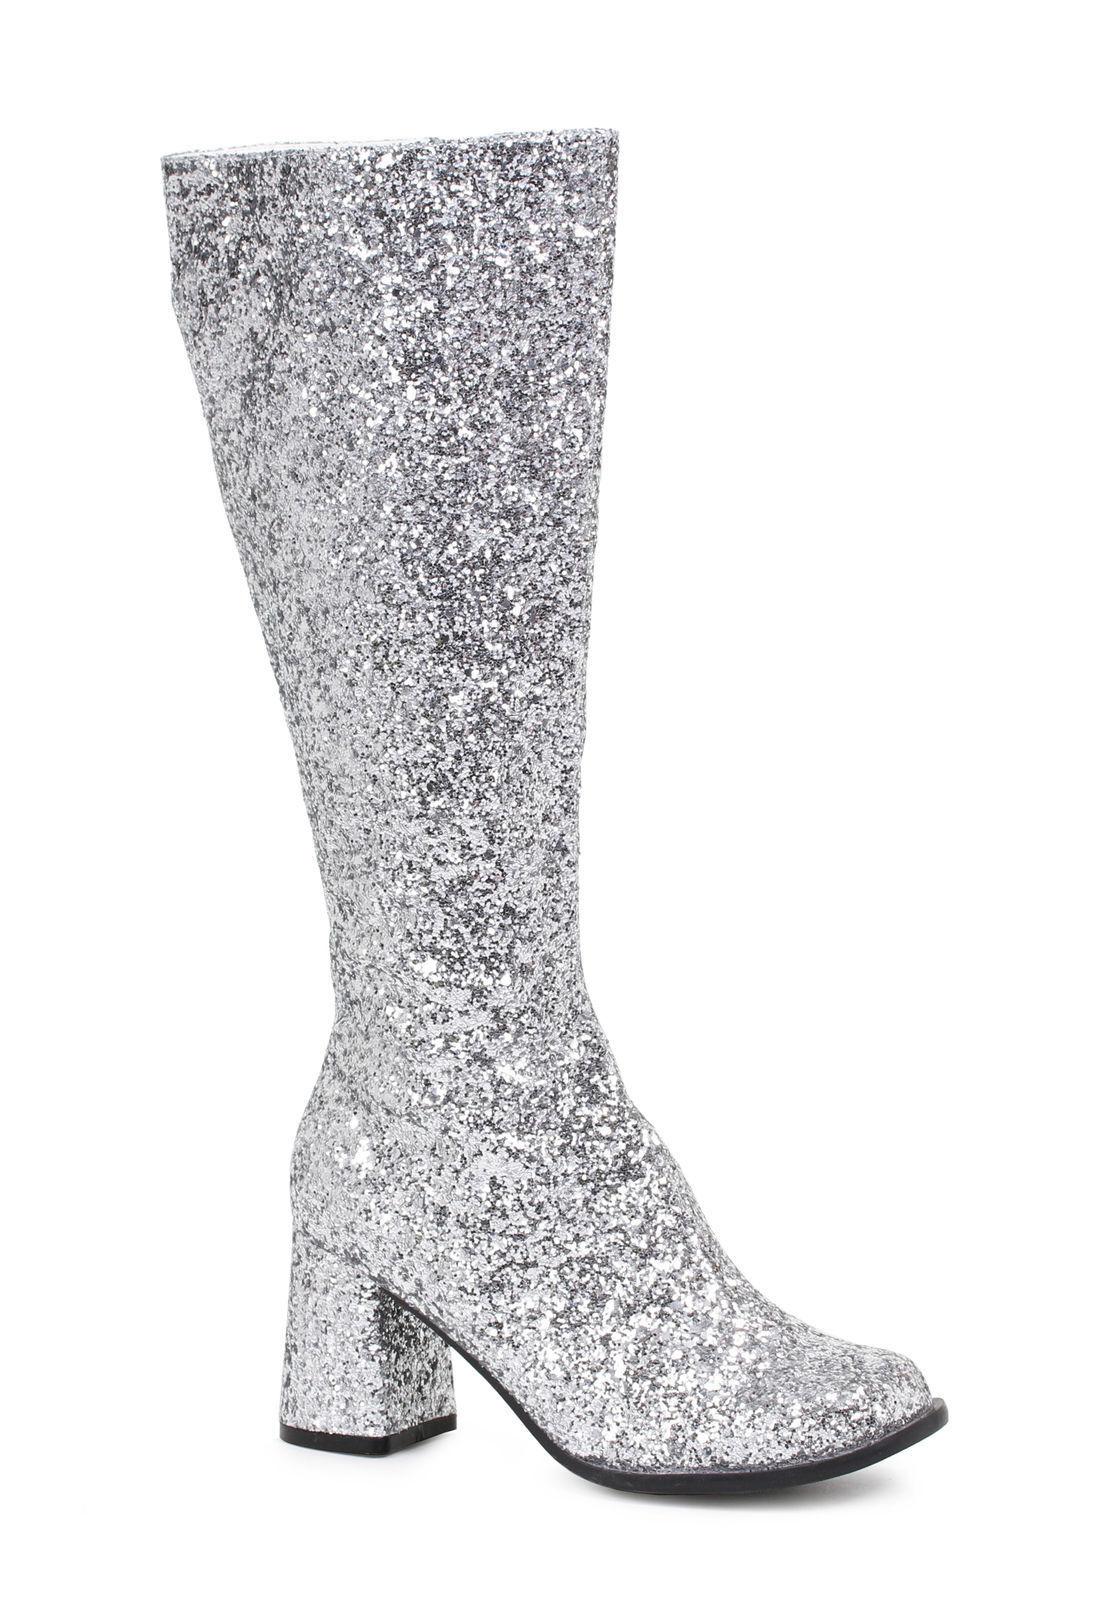 Ellie 3  paillettes argent gogo danseuse femme costume Talons chaussures bottes Gogo-G-SLVG